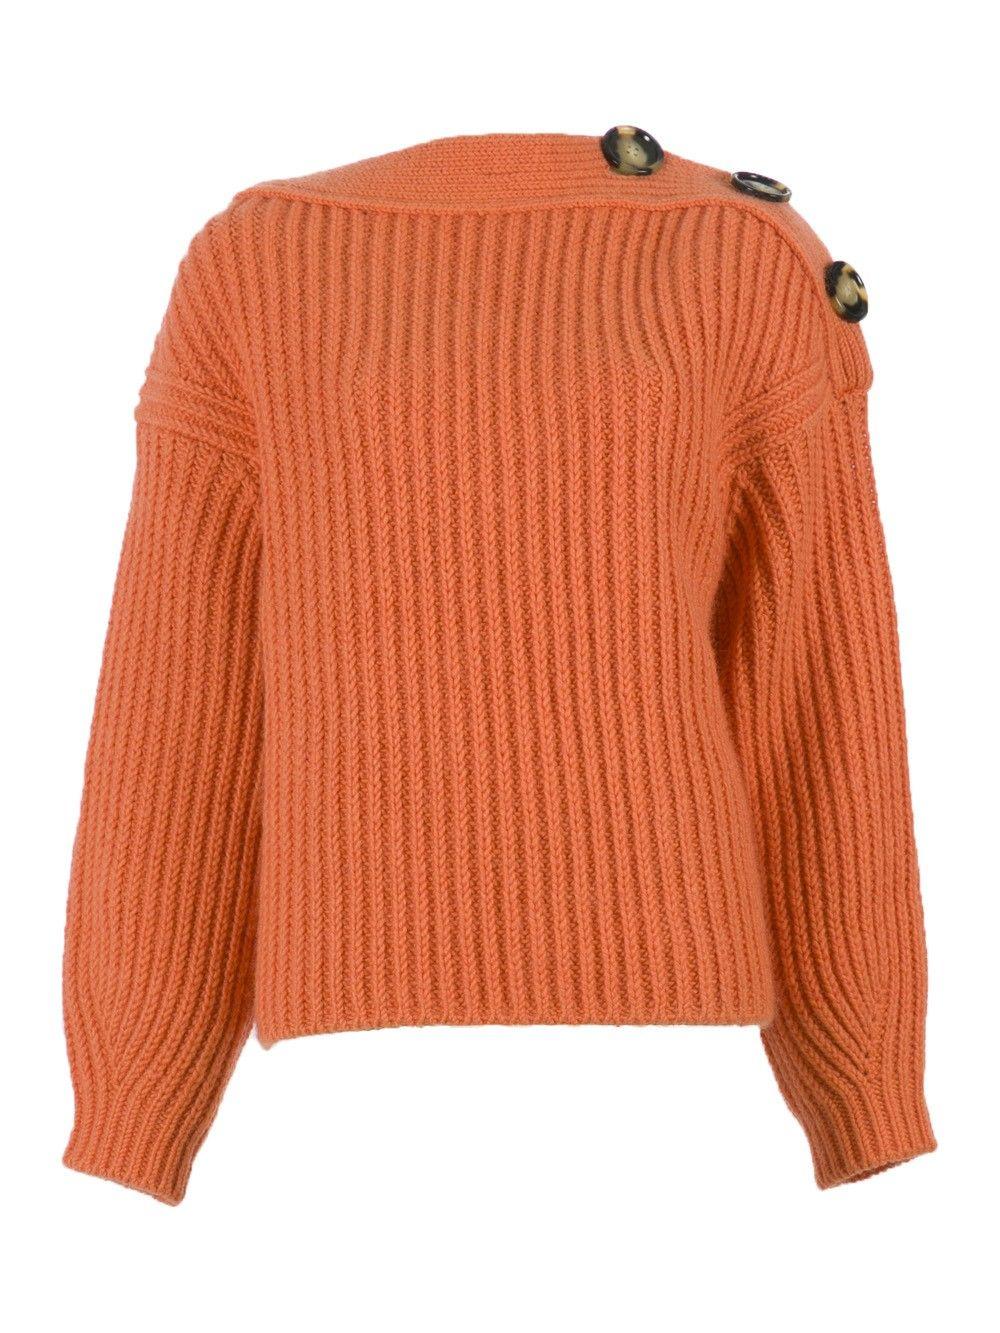 ACNE STUDIOS Holden chunky knit. #acnestudios #cloth # | Acne ...